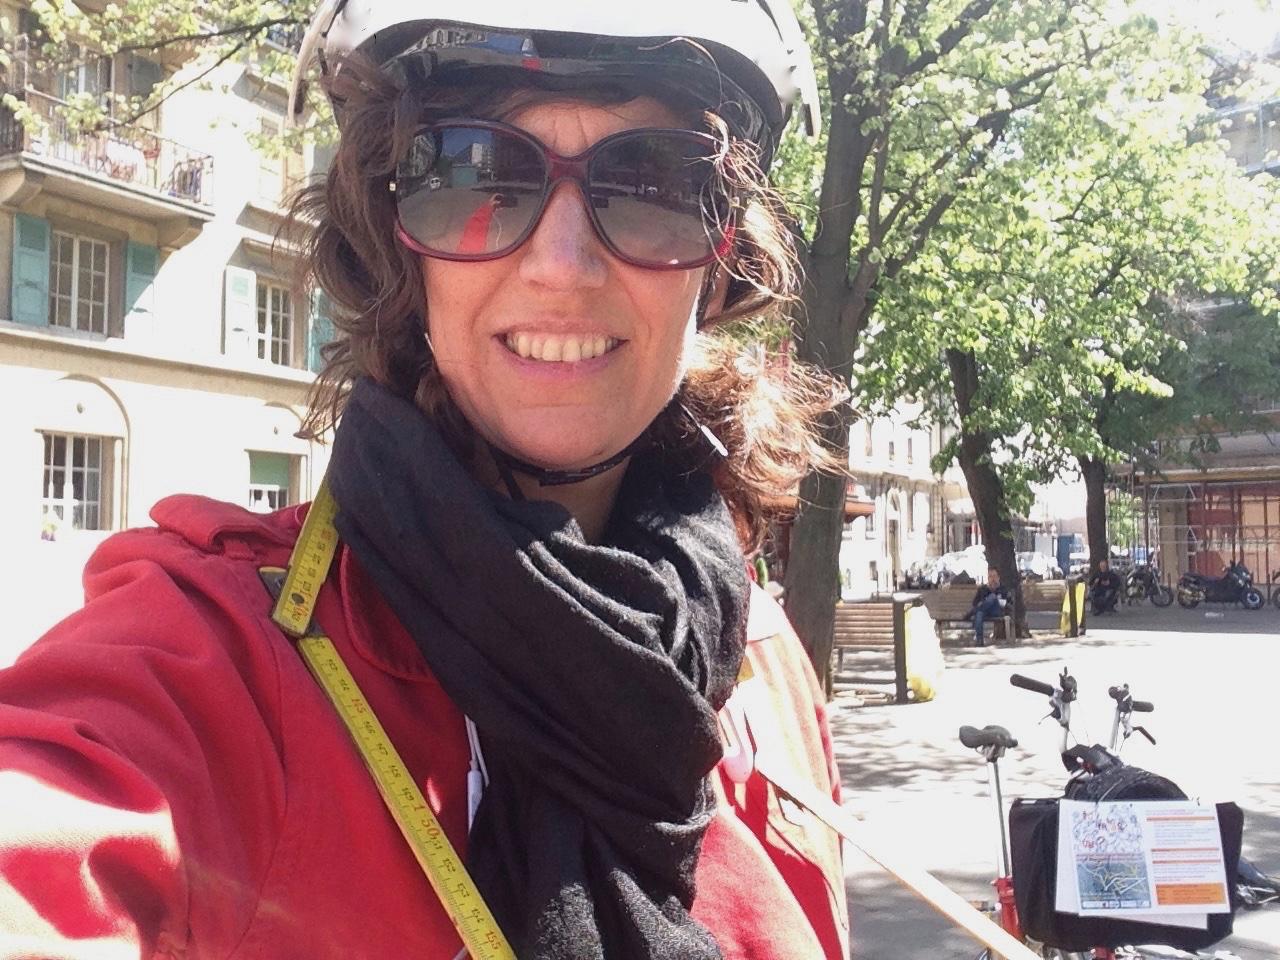 Repérage défi coopératif  «Tu m'as vu?» à vélo Carole-lyne Klay à l'initiative du projetpilote